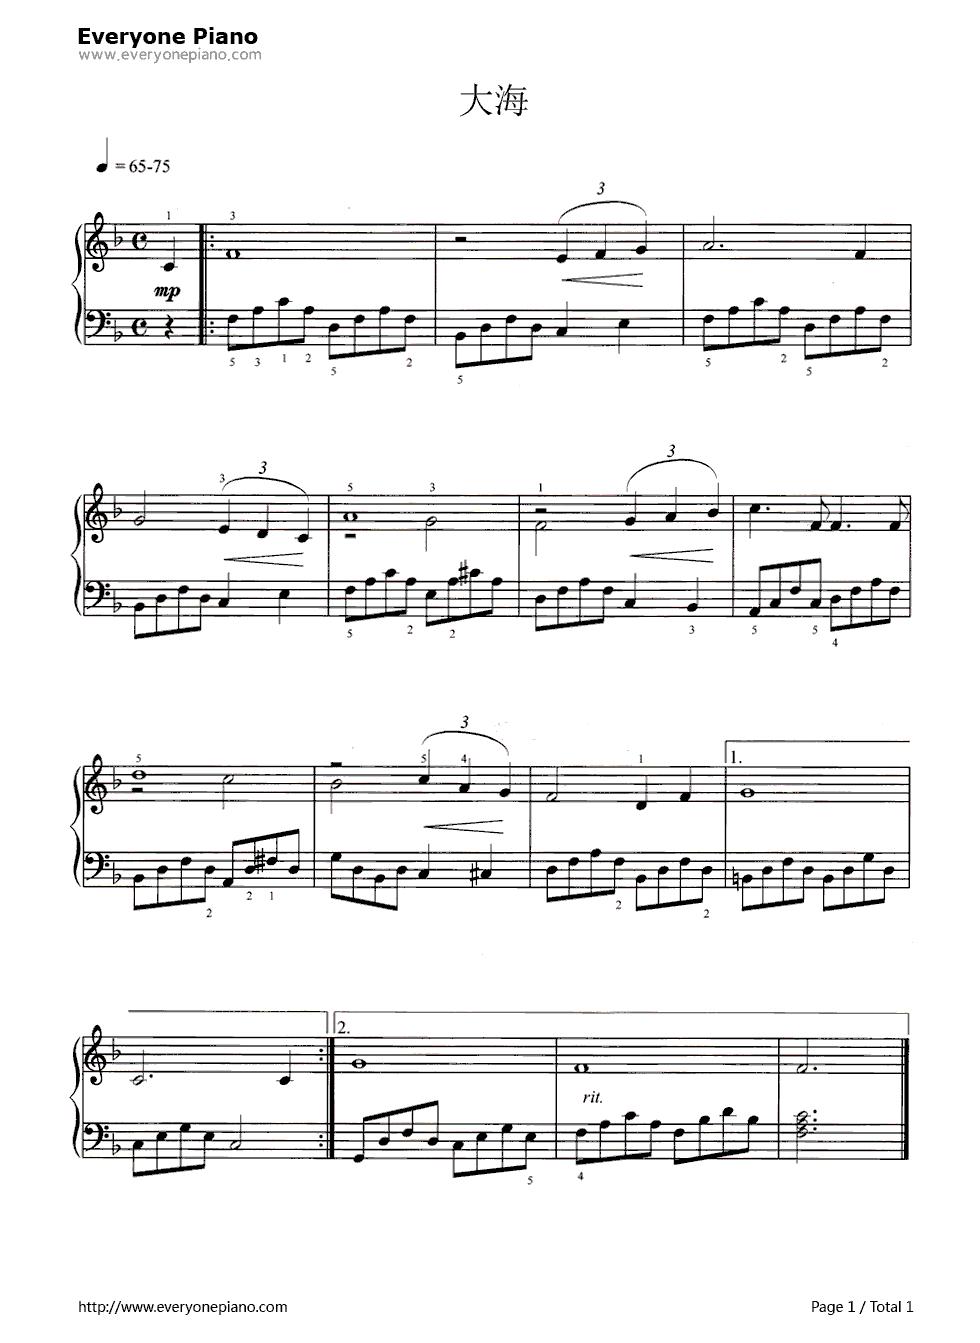 钢琴曲谱 经典 大海 大海五线谱预览1   仅供个人学习交流使用 可使用